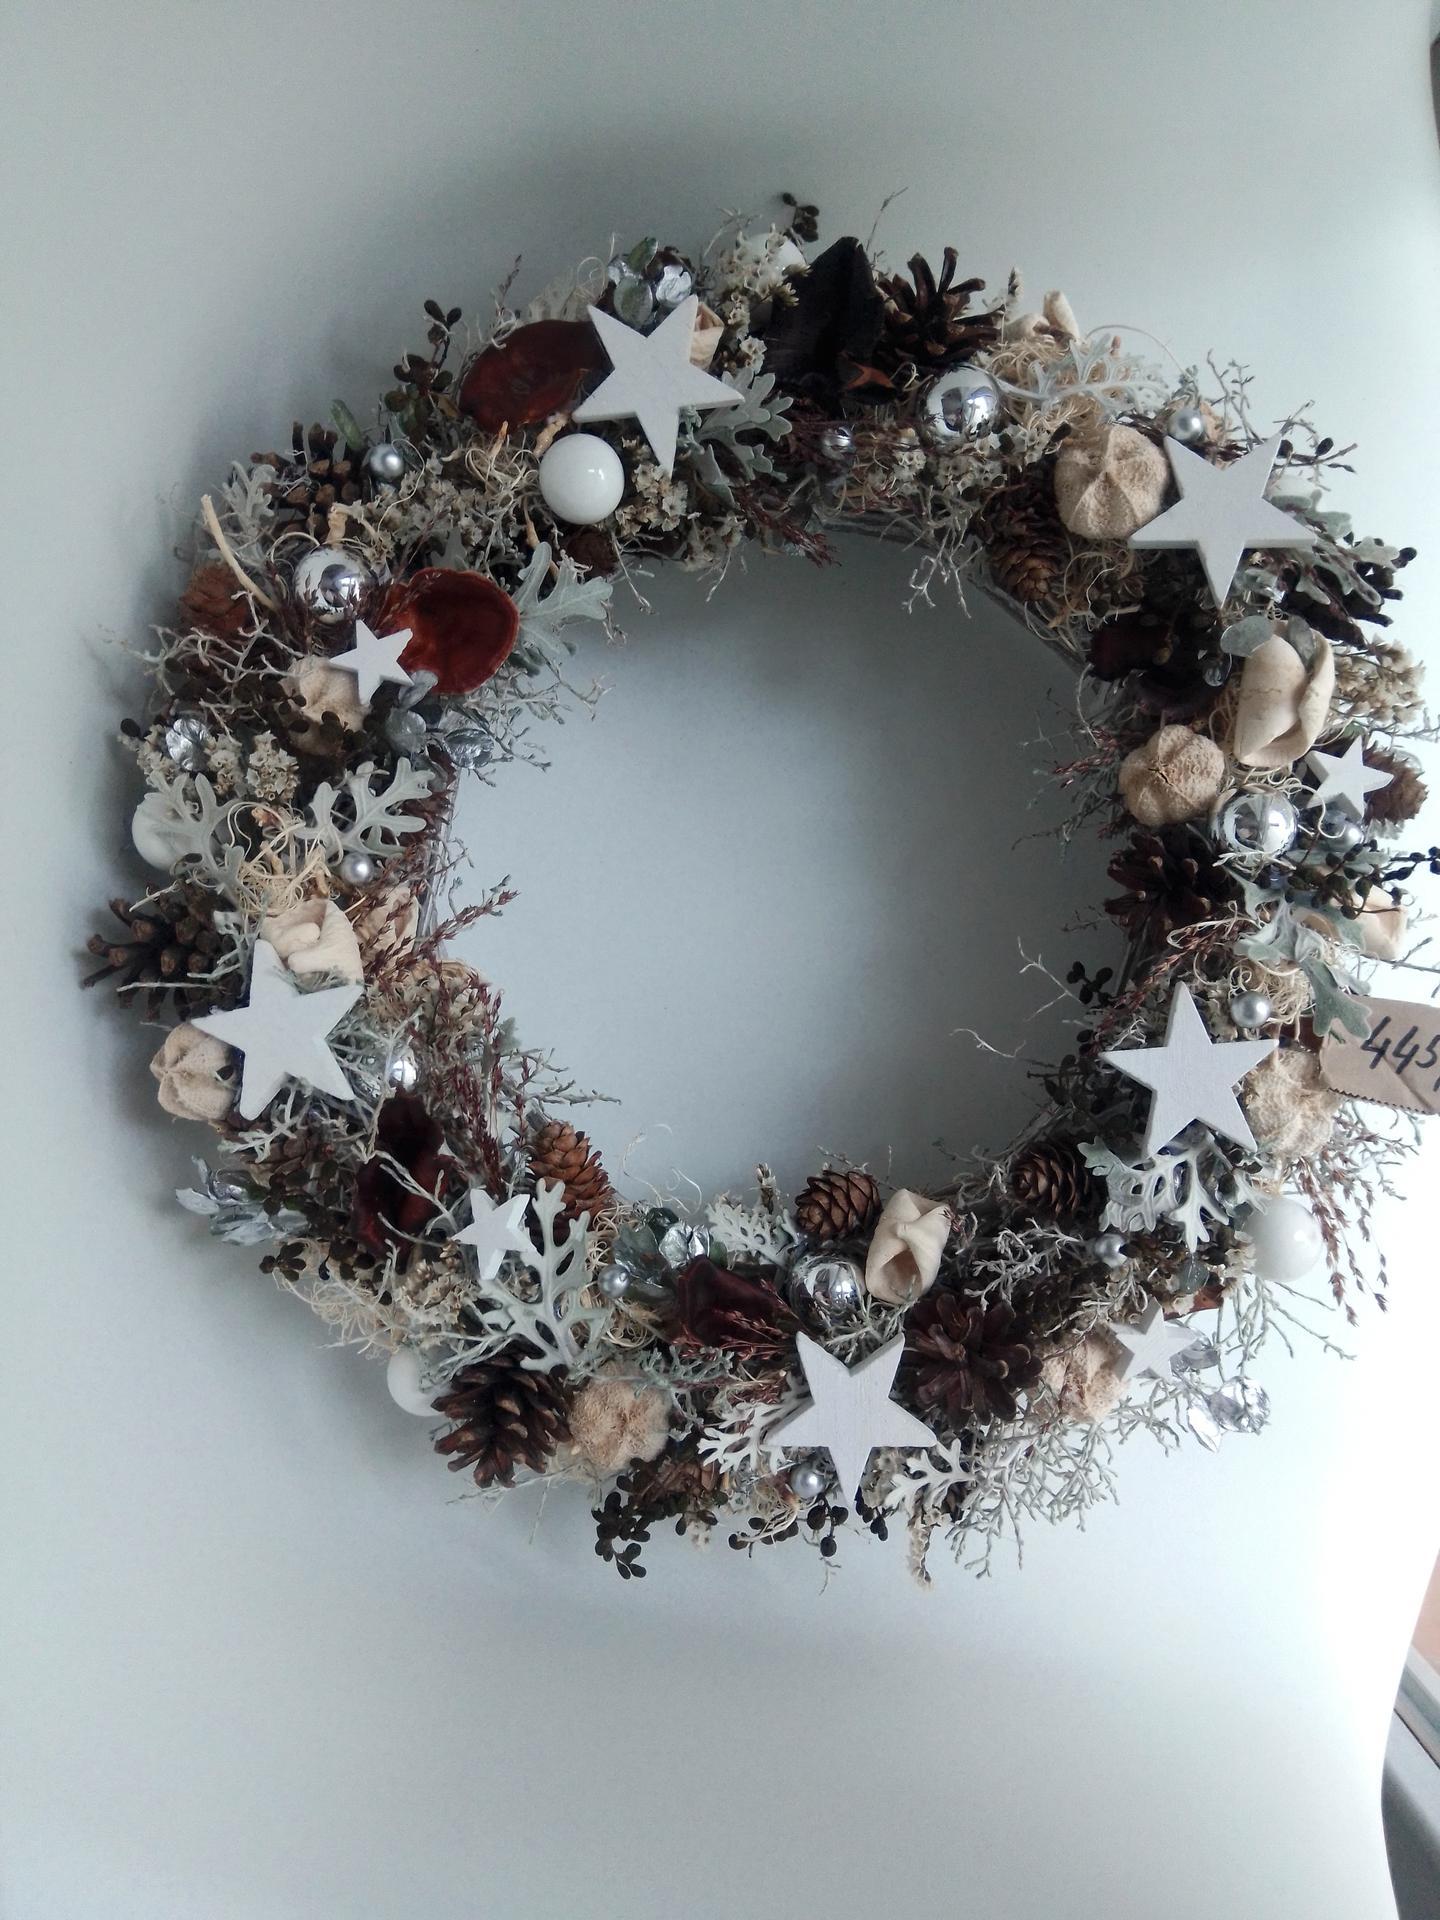 Tvorba na Vánoce začíná,můj oblíbený čas.... - Obrázek č. 5